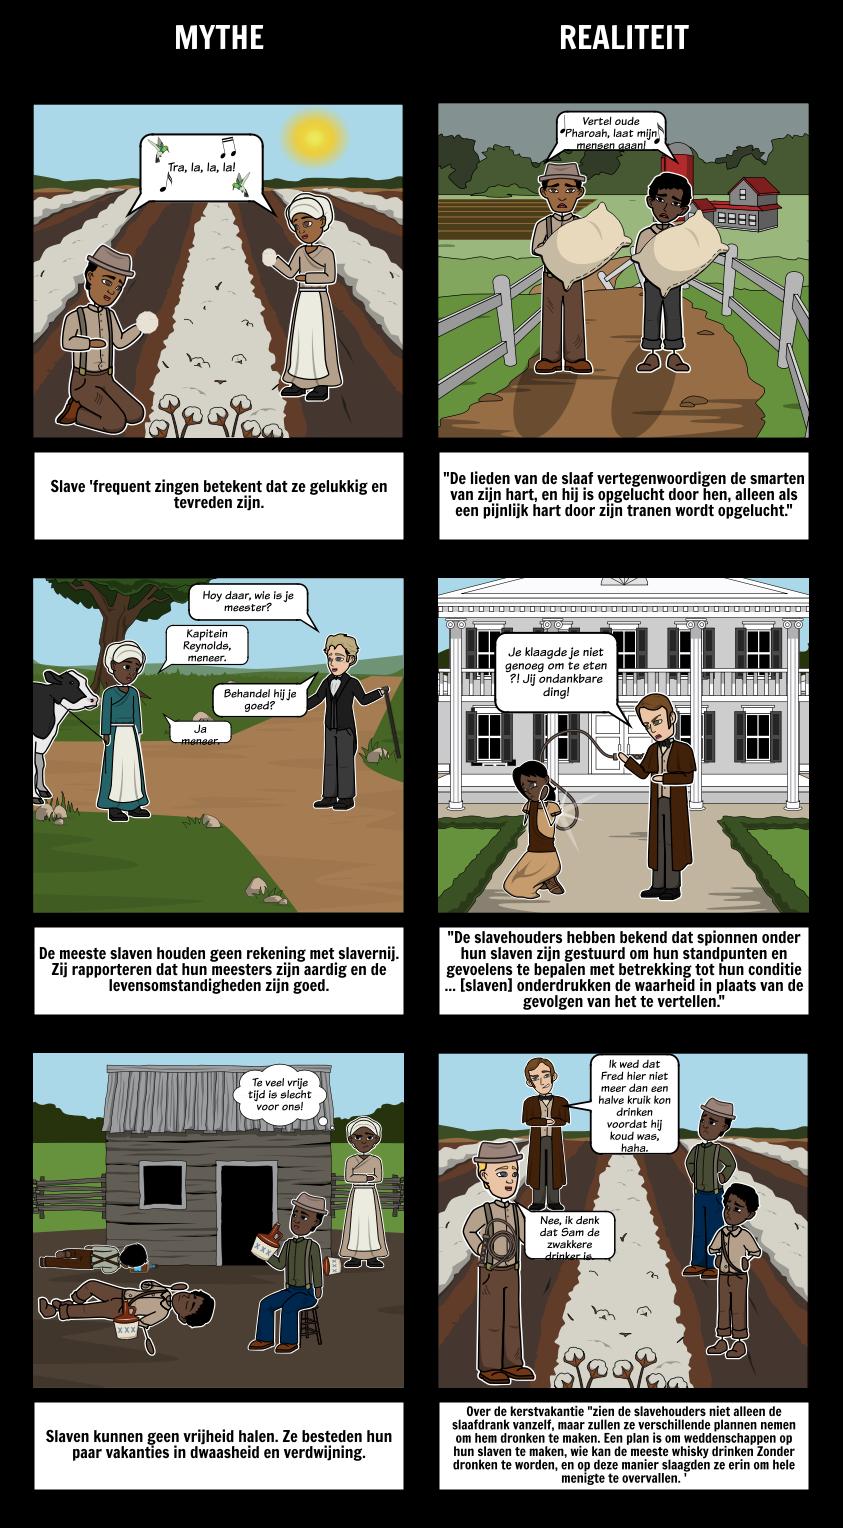 Een Vertelling van het Leven van Frederick Douglass Mythbusters